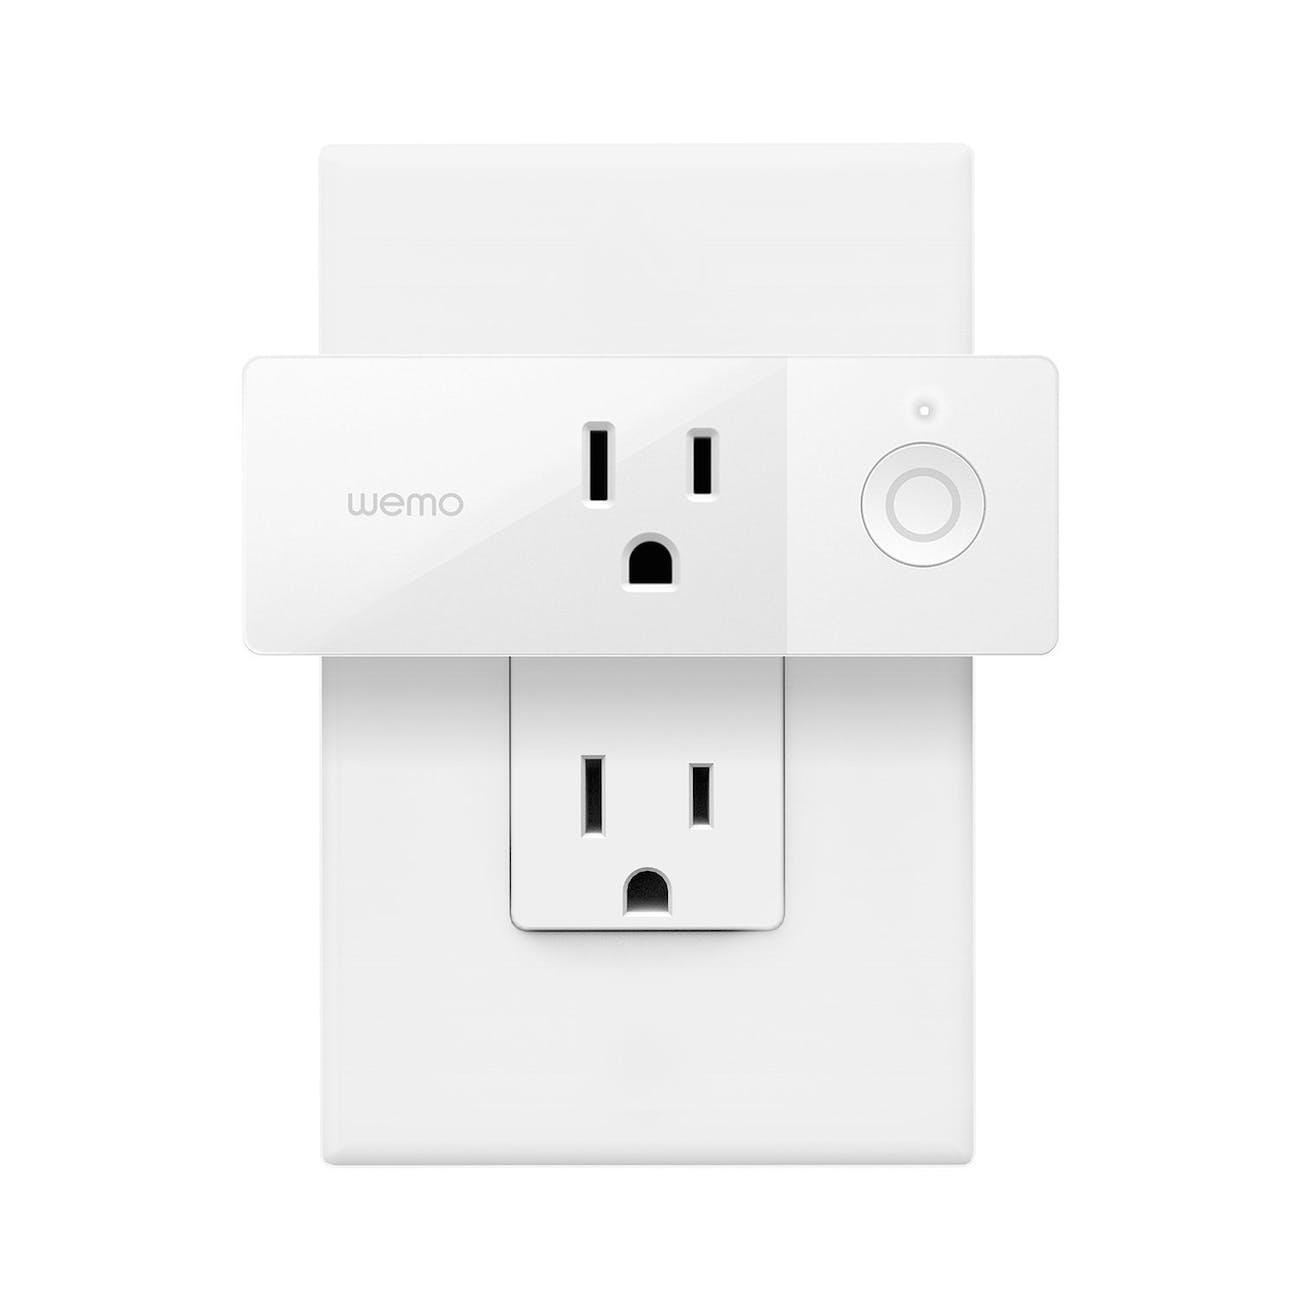 Wemo Smart Wi-Fi Plug